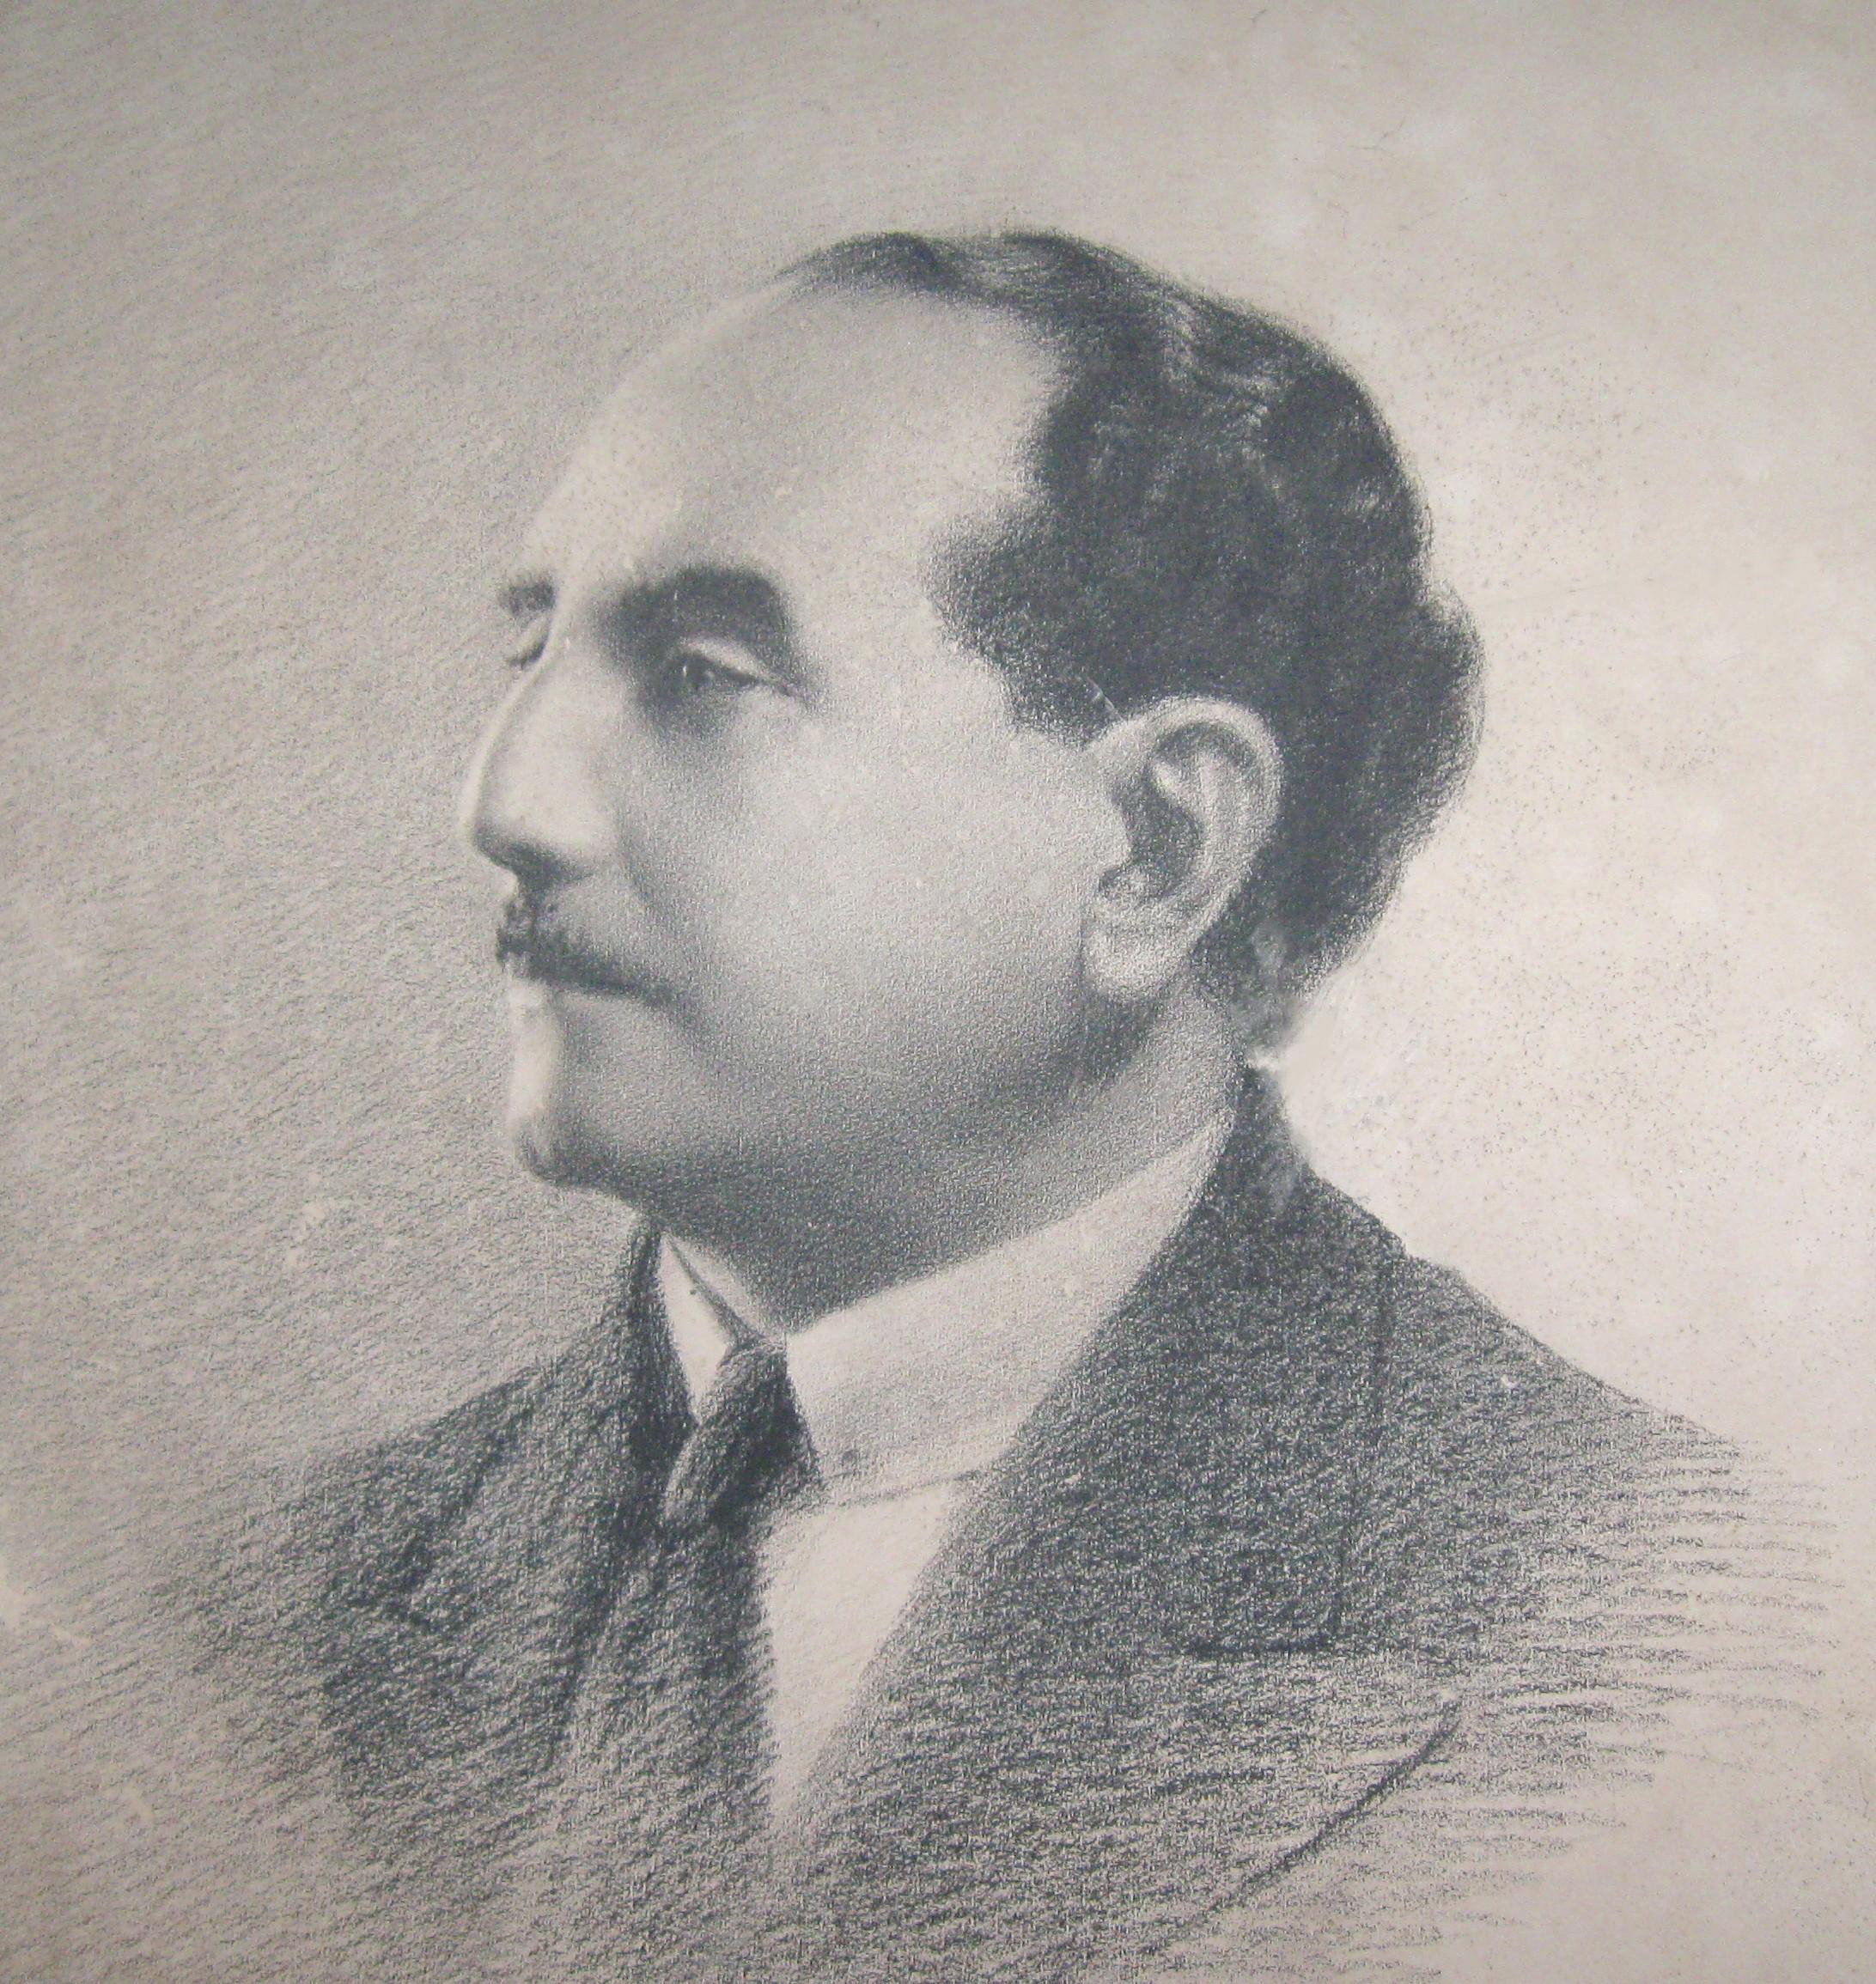 Miguel Escribens Arenas